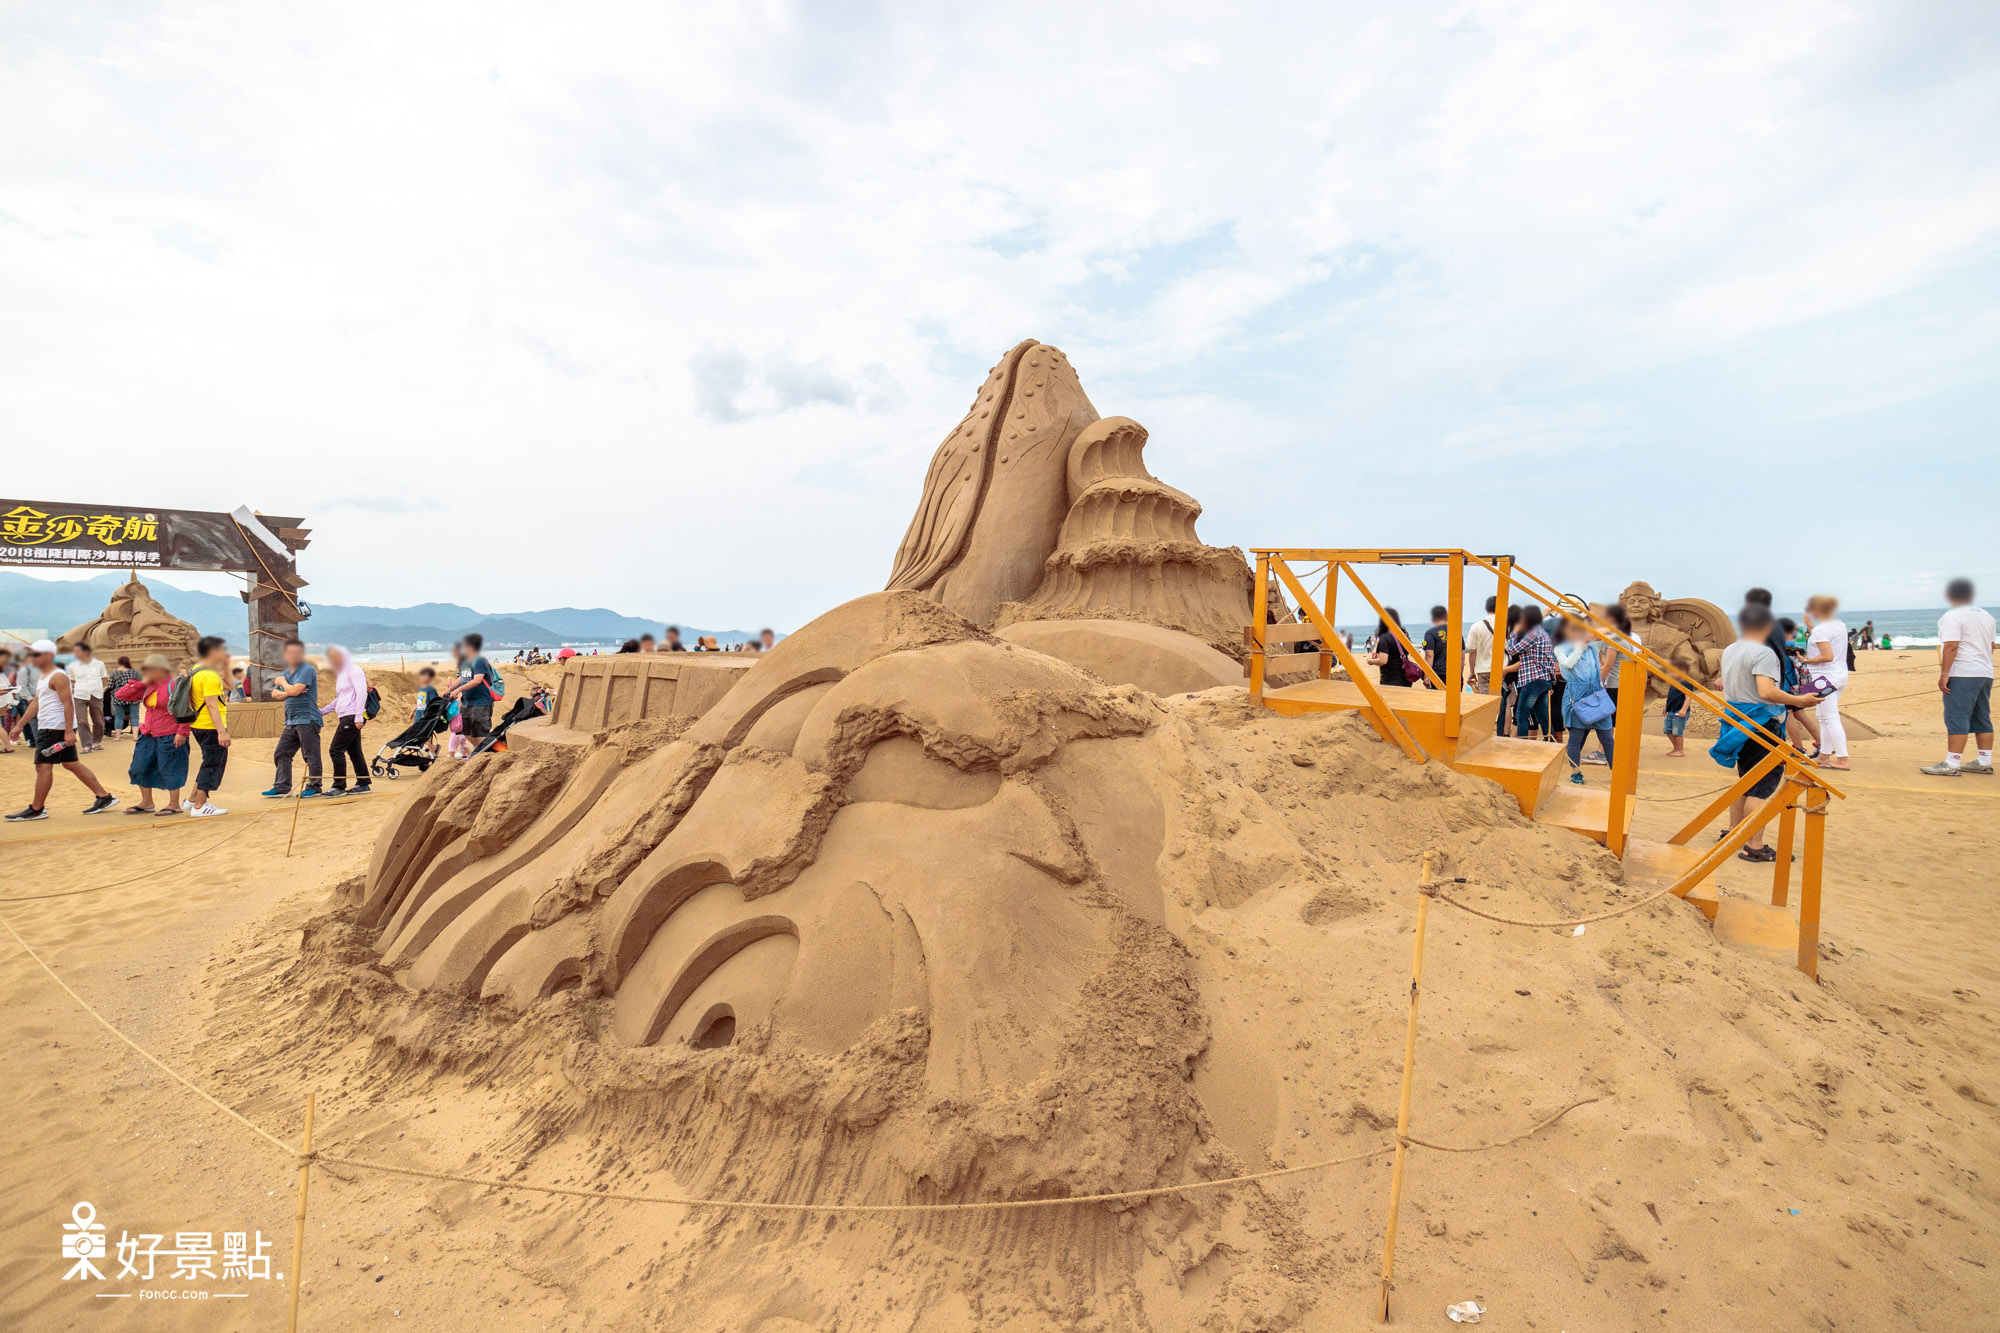 |新北。貢寮|2018福隆國際沙雕藝術季-顛倒大沙雕超吸睛!